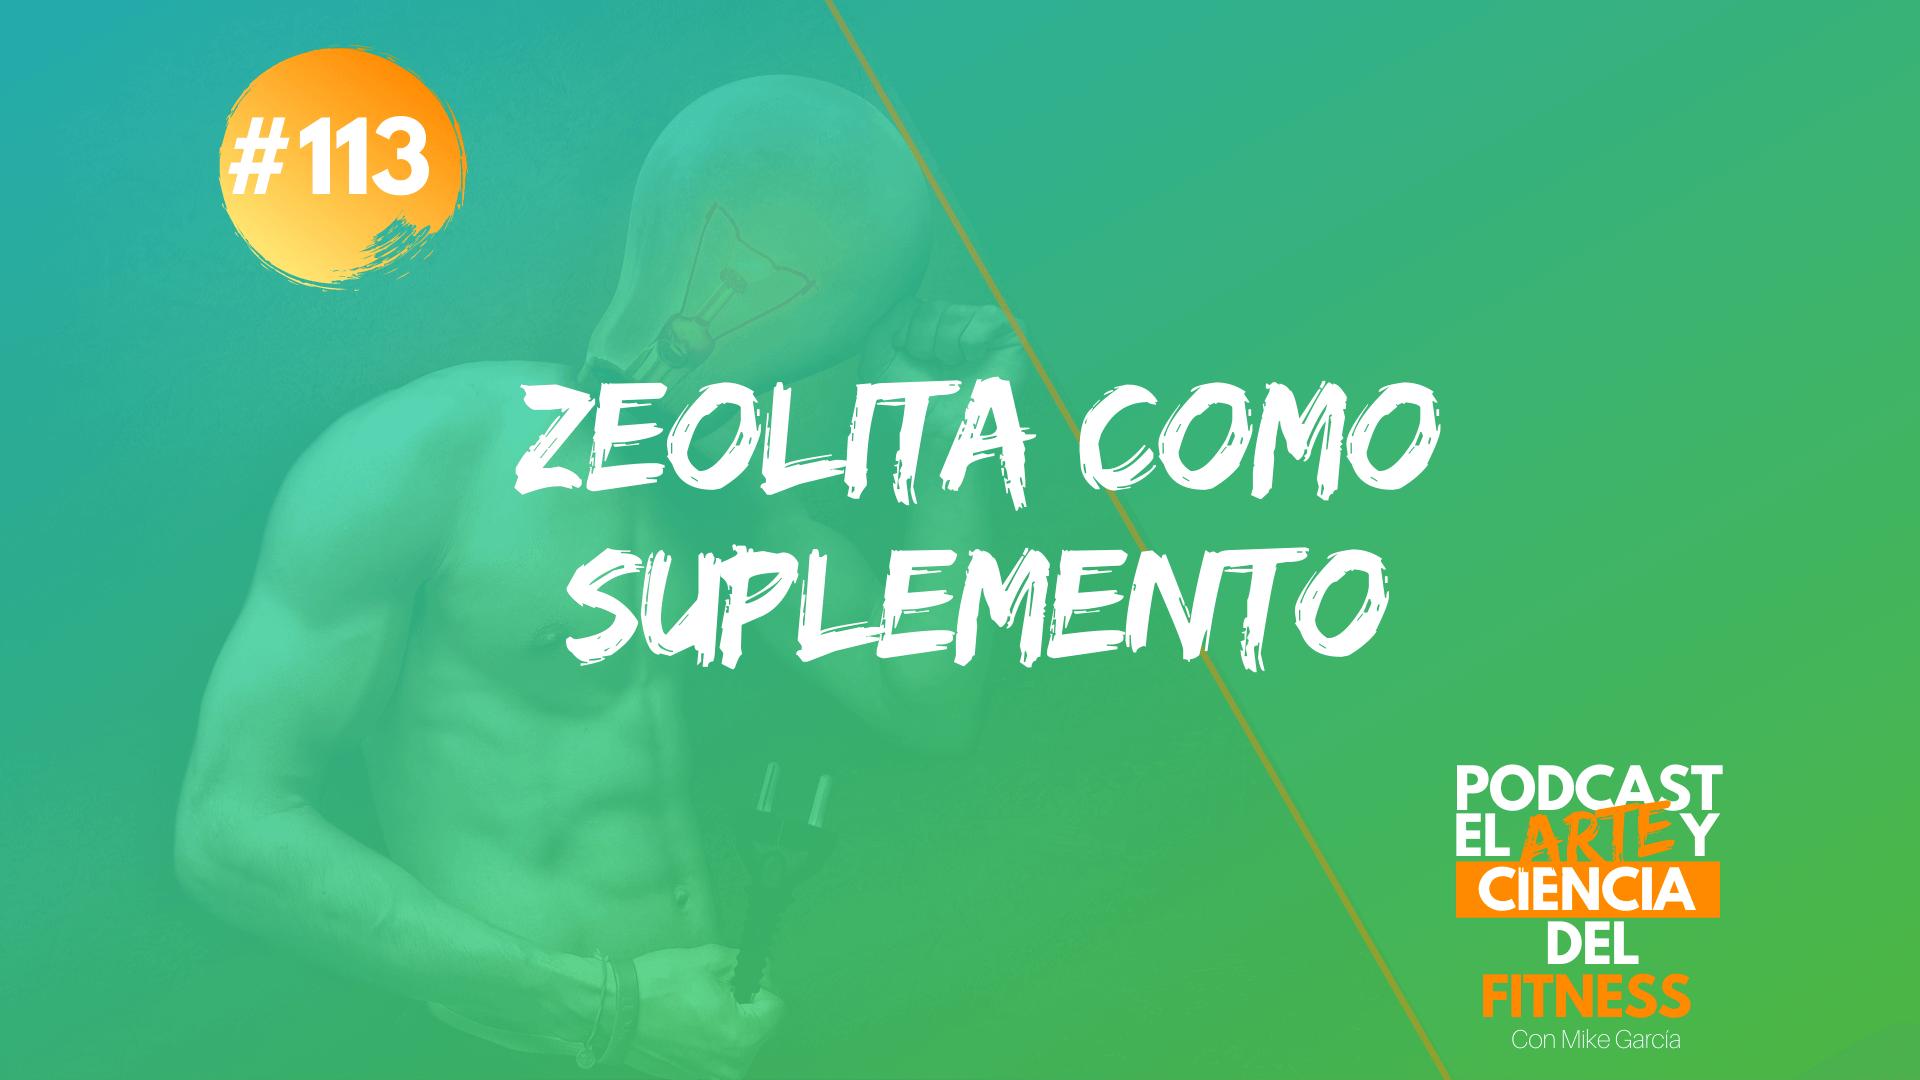 Podcast #113: Zeolita Como Suplemento